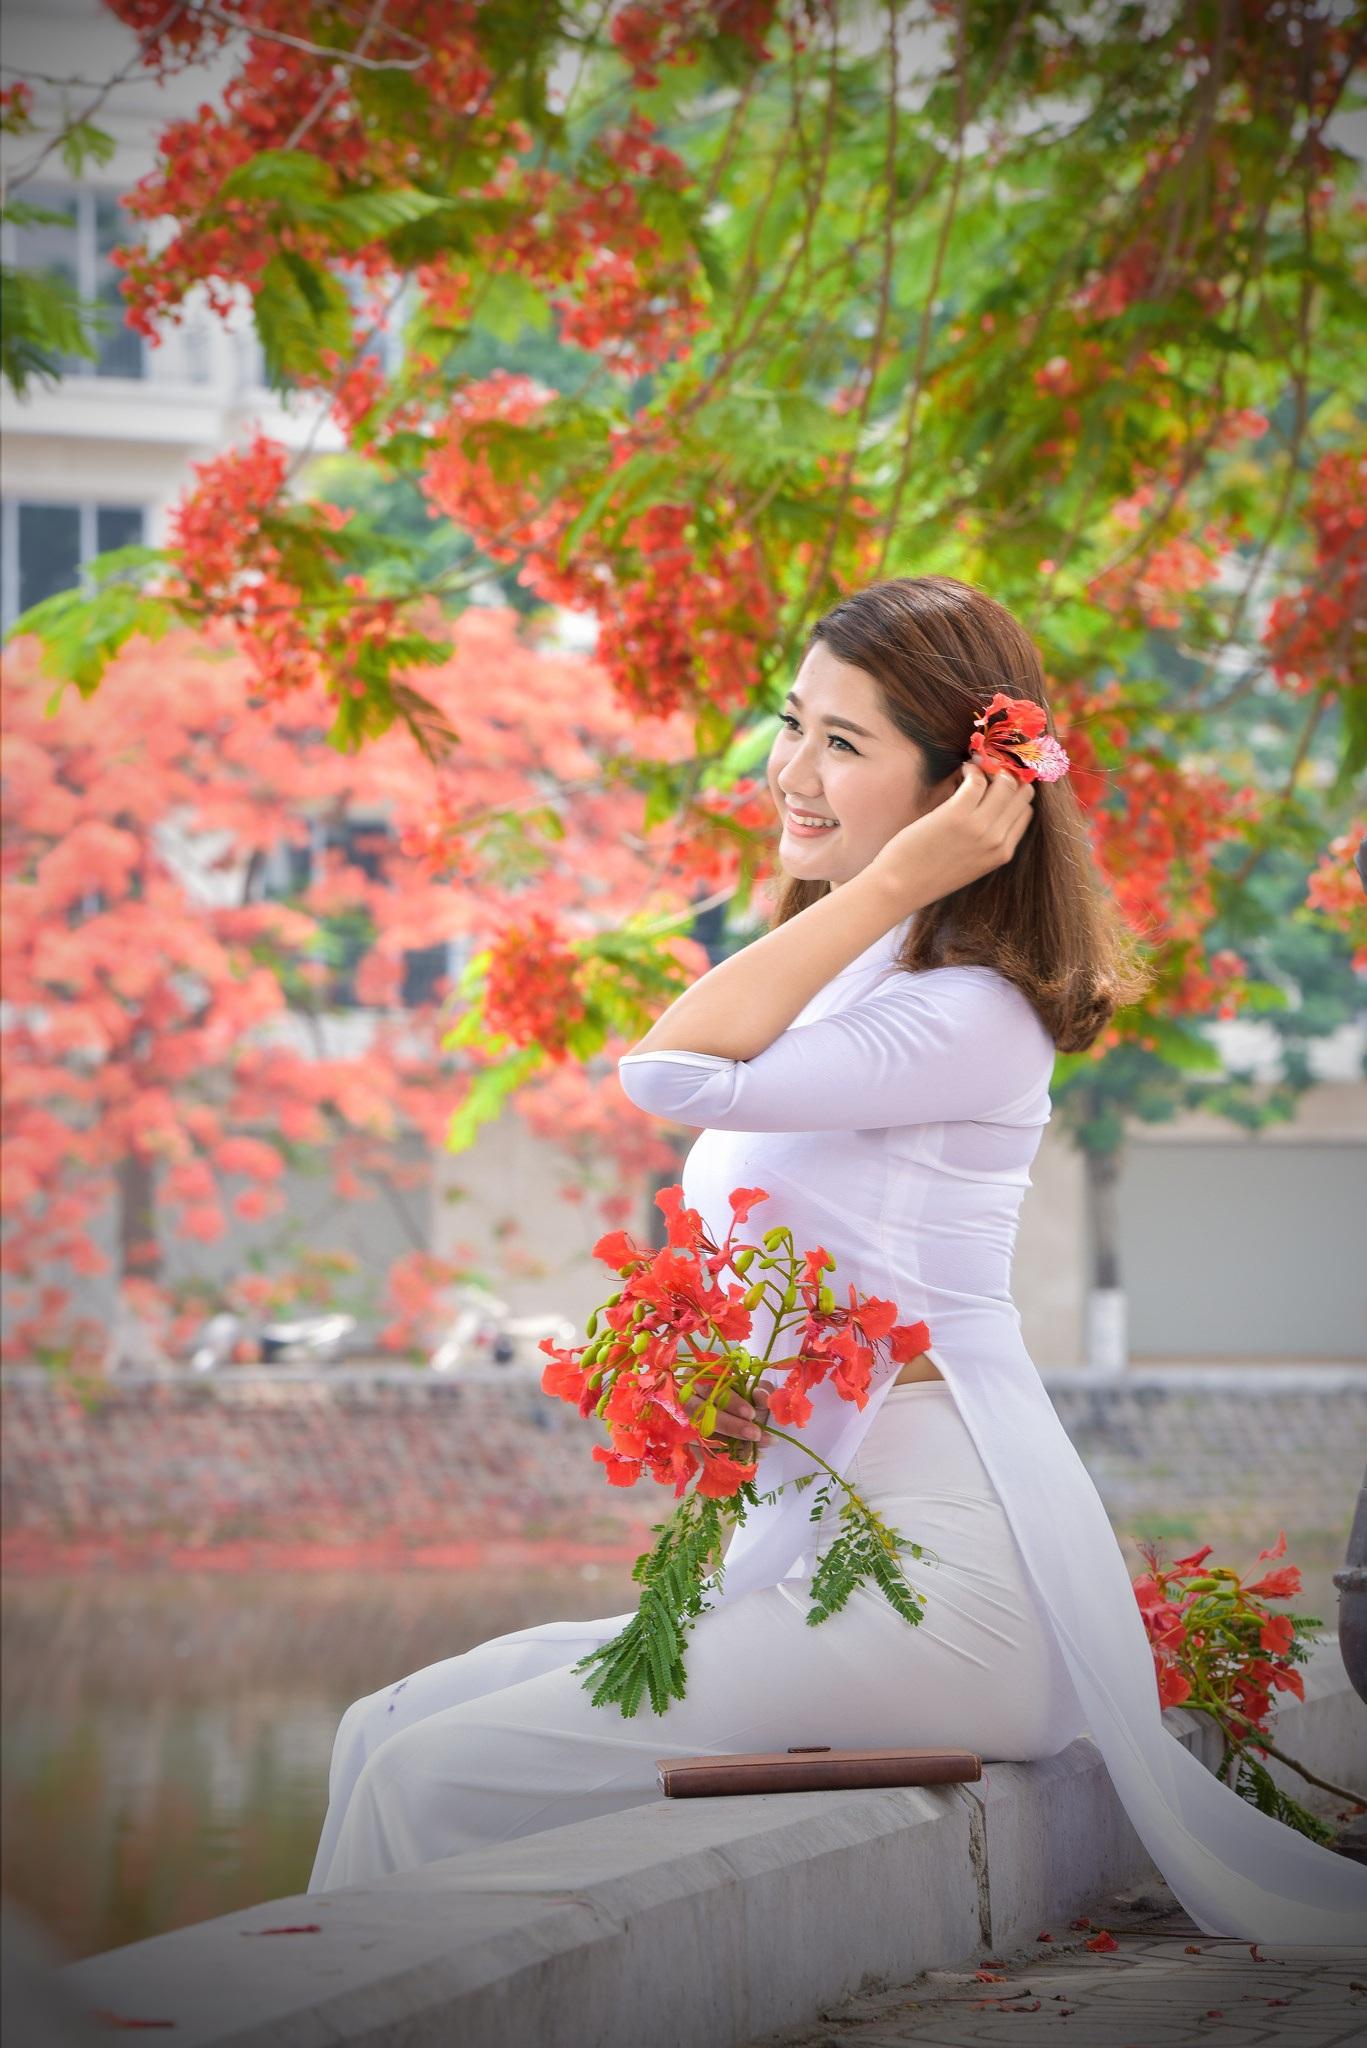 """Thiếu nữ Hà thành mơ màng bên hoa phượng """"rực cháy"""" - 2"""